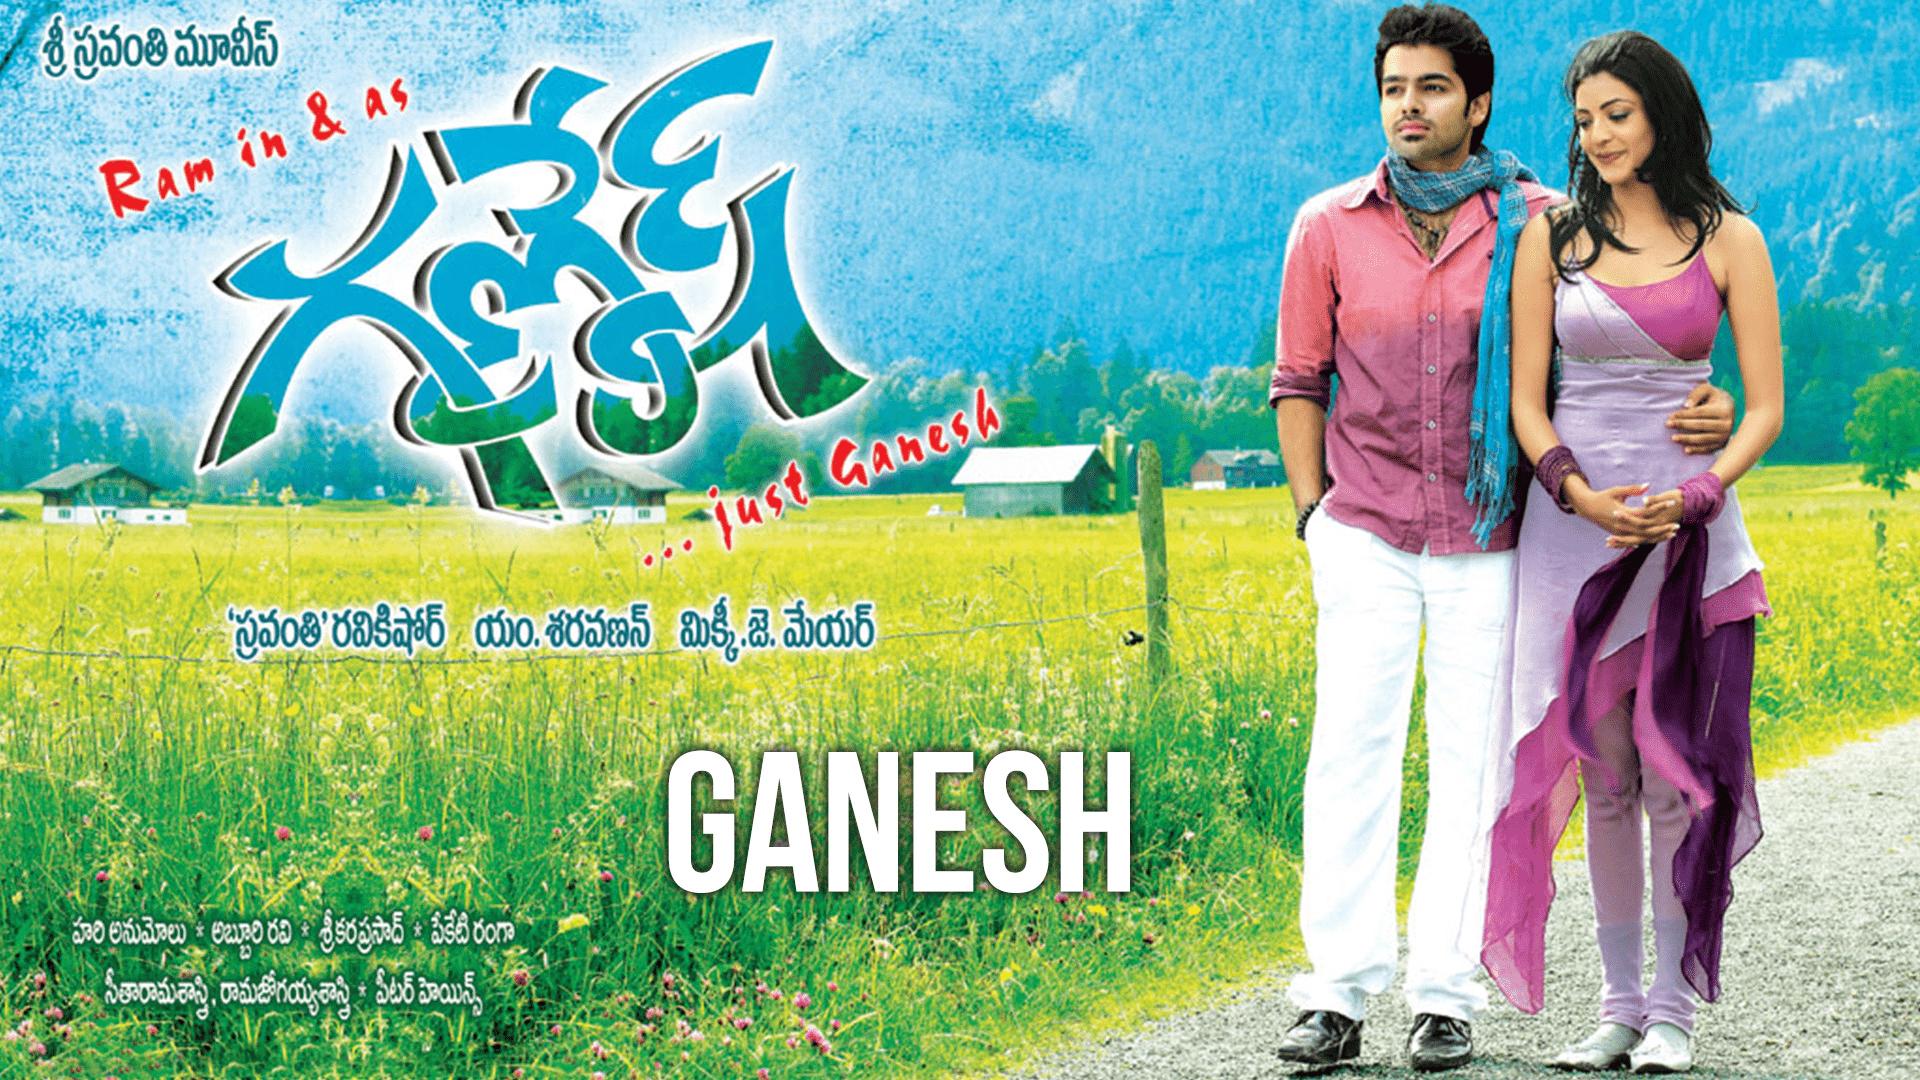 1-Ganesh - Just Ganesh